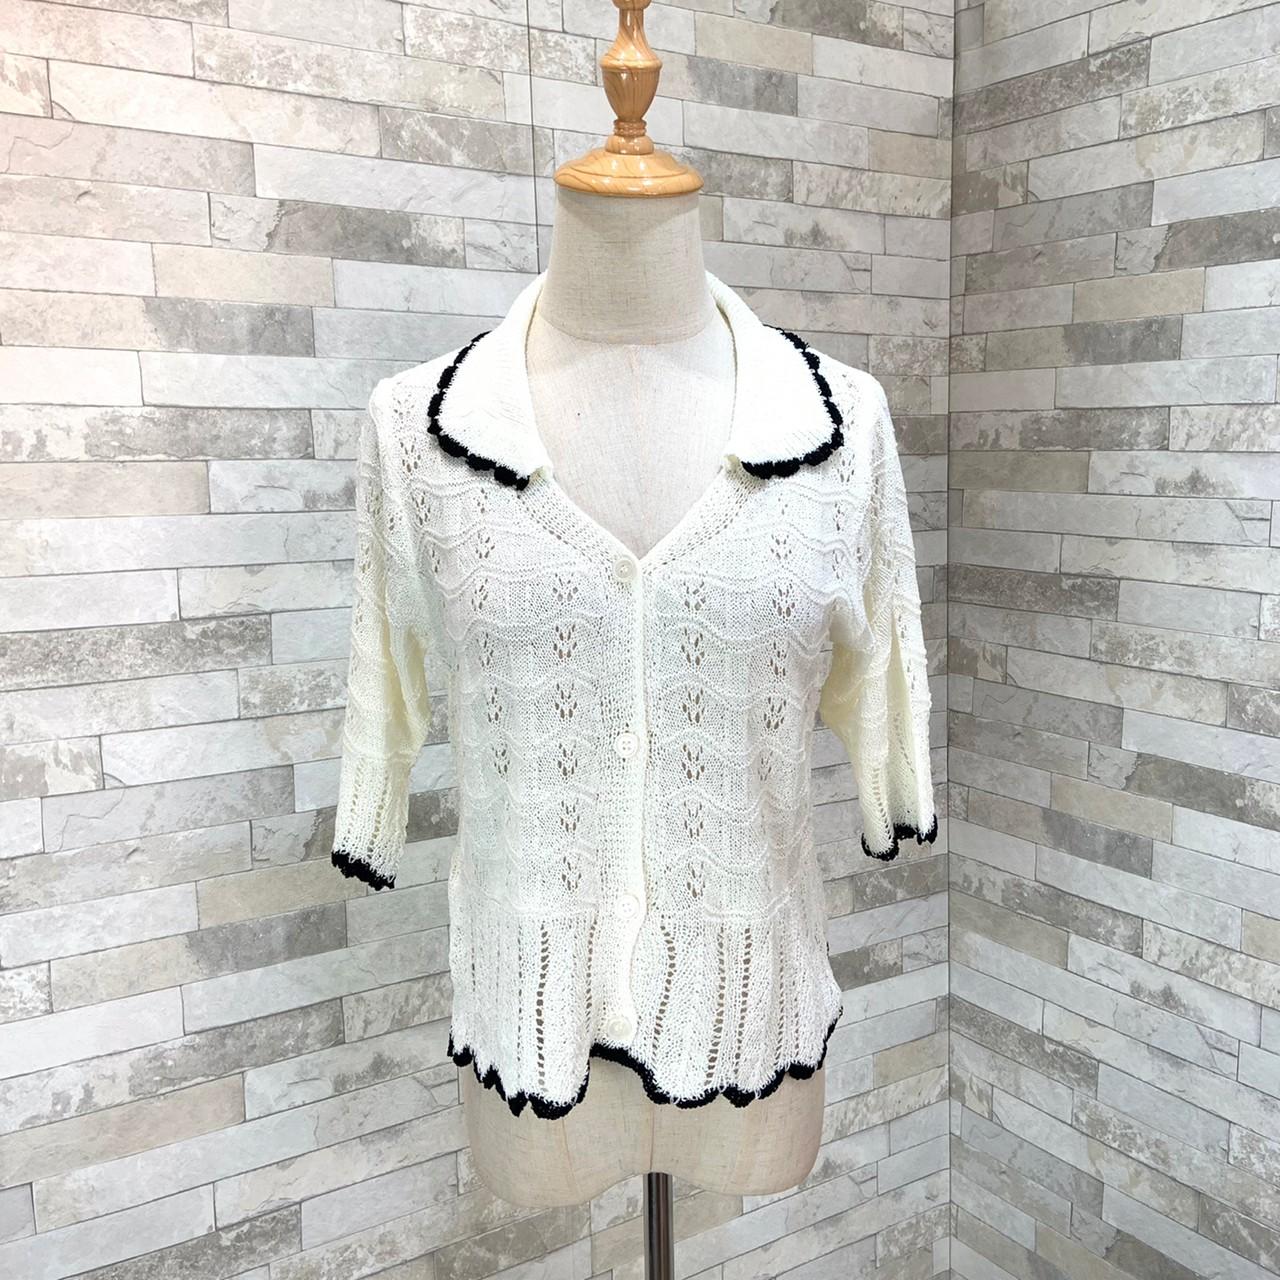 韓国 ファッション トップス カーディガン 春 夏 カジュアル PTXK870  透かし編みニット モノトーン 七分袖 オルチャン シンプル 定番 セレカジの写真10枚目